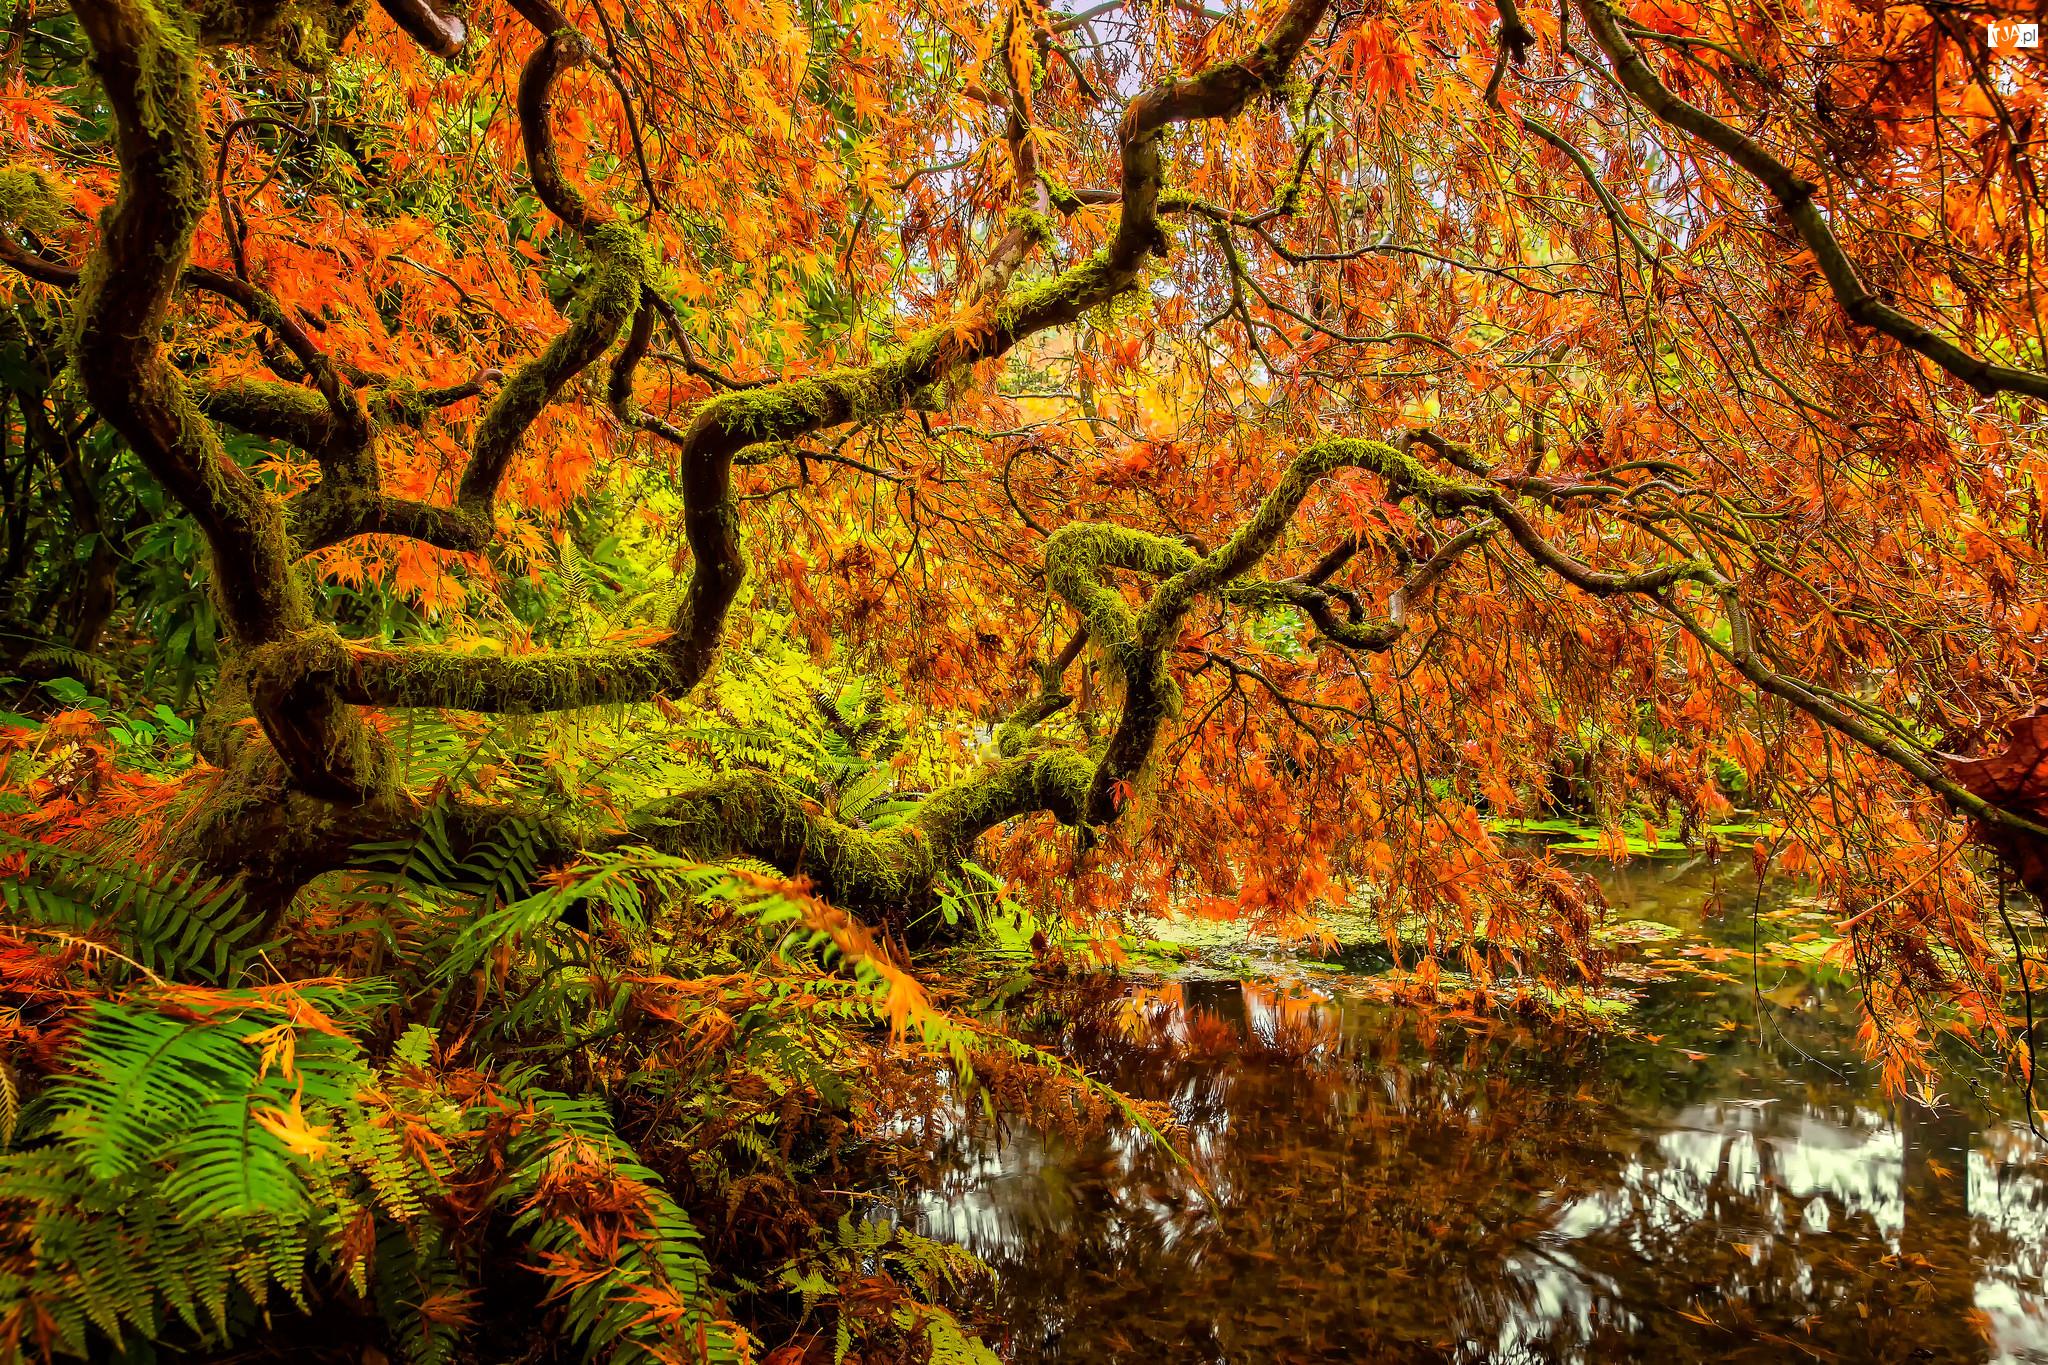 Klon japoński, Liście, Drzewa, Staw, Jesień